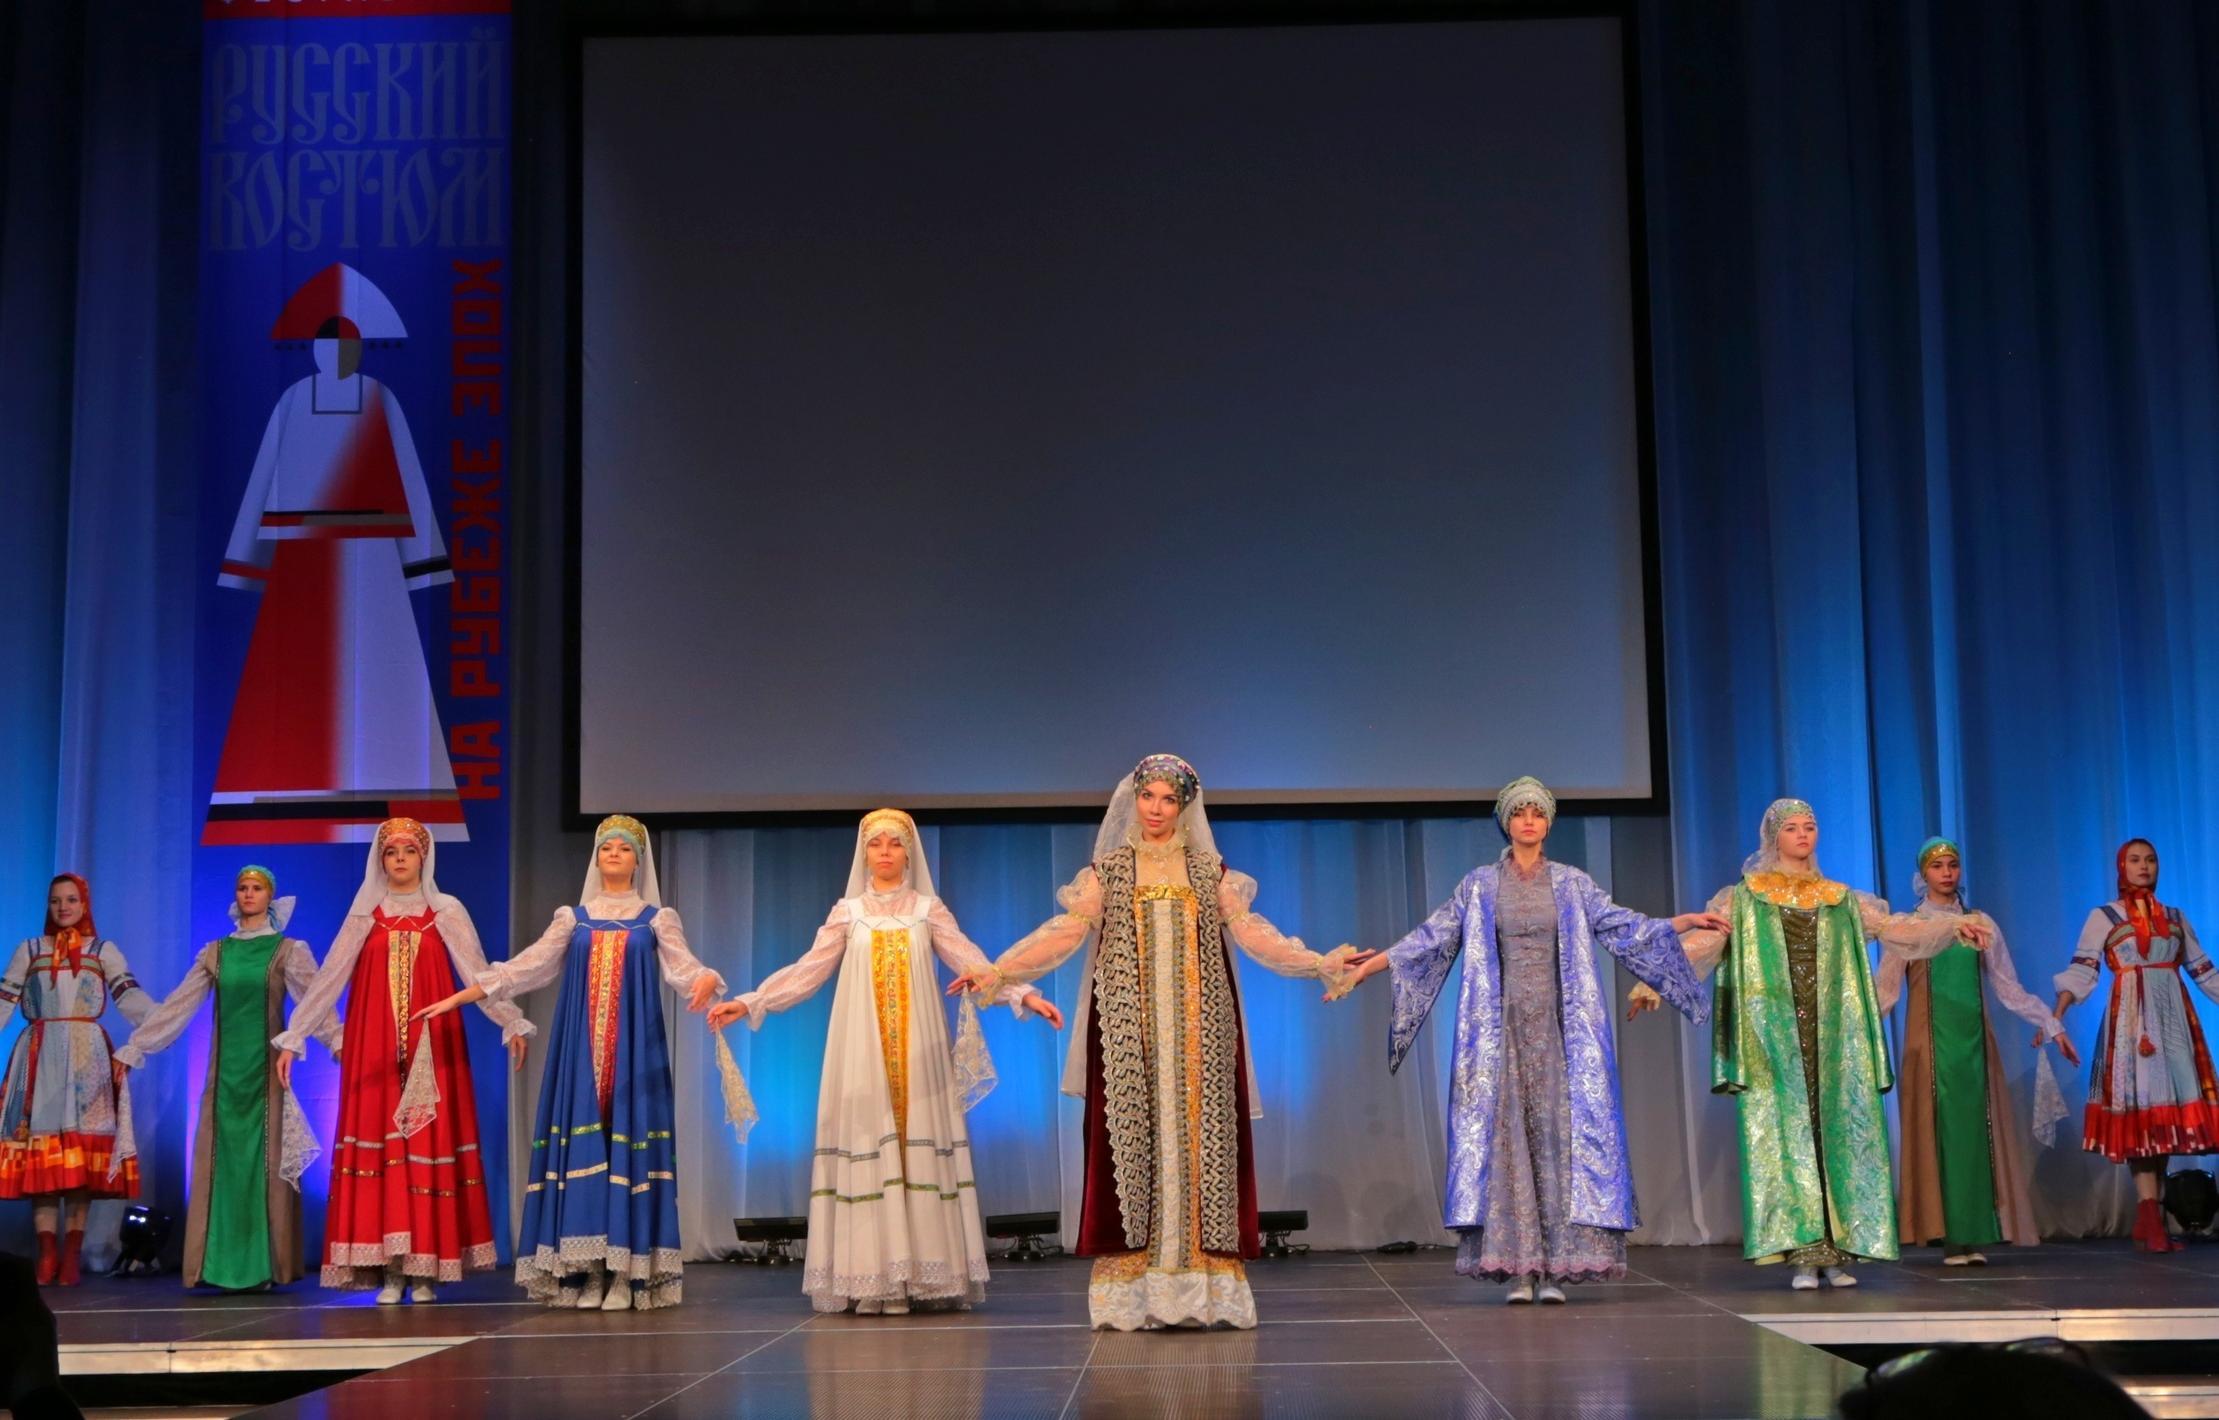 Арт-студия ТвГТУ стала дипломантом Всероссийского фестиваля русского костюма - новости Афанасий